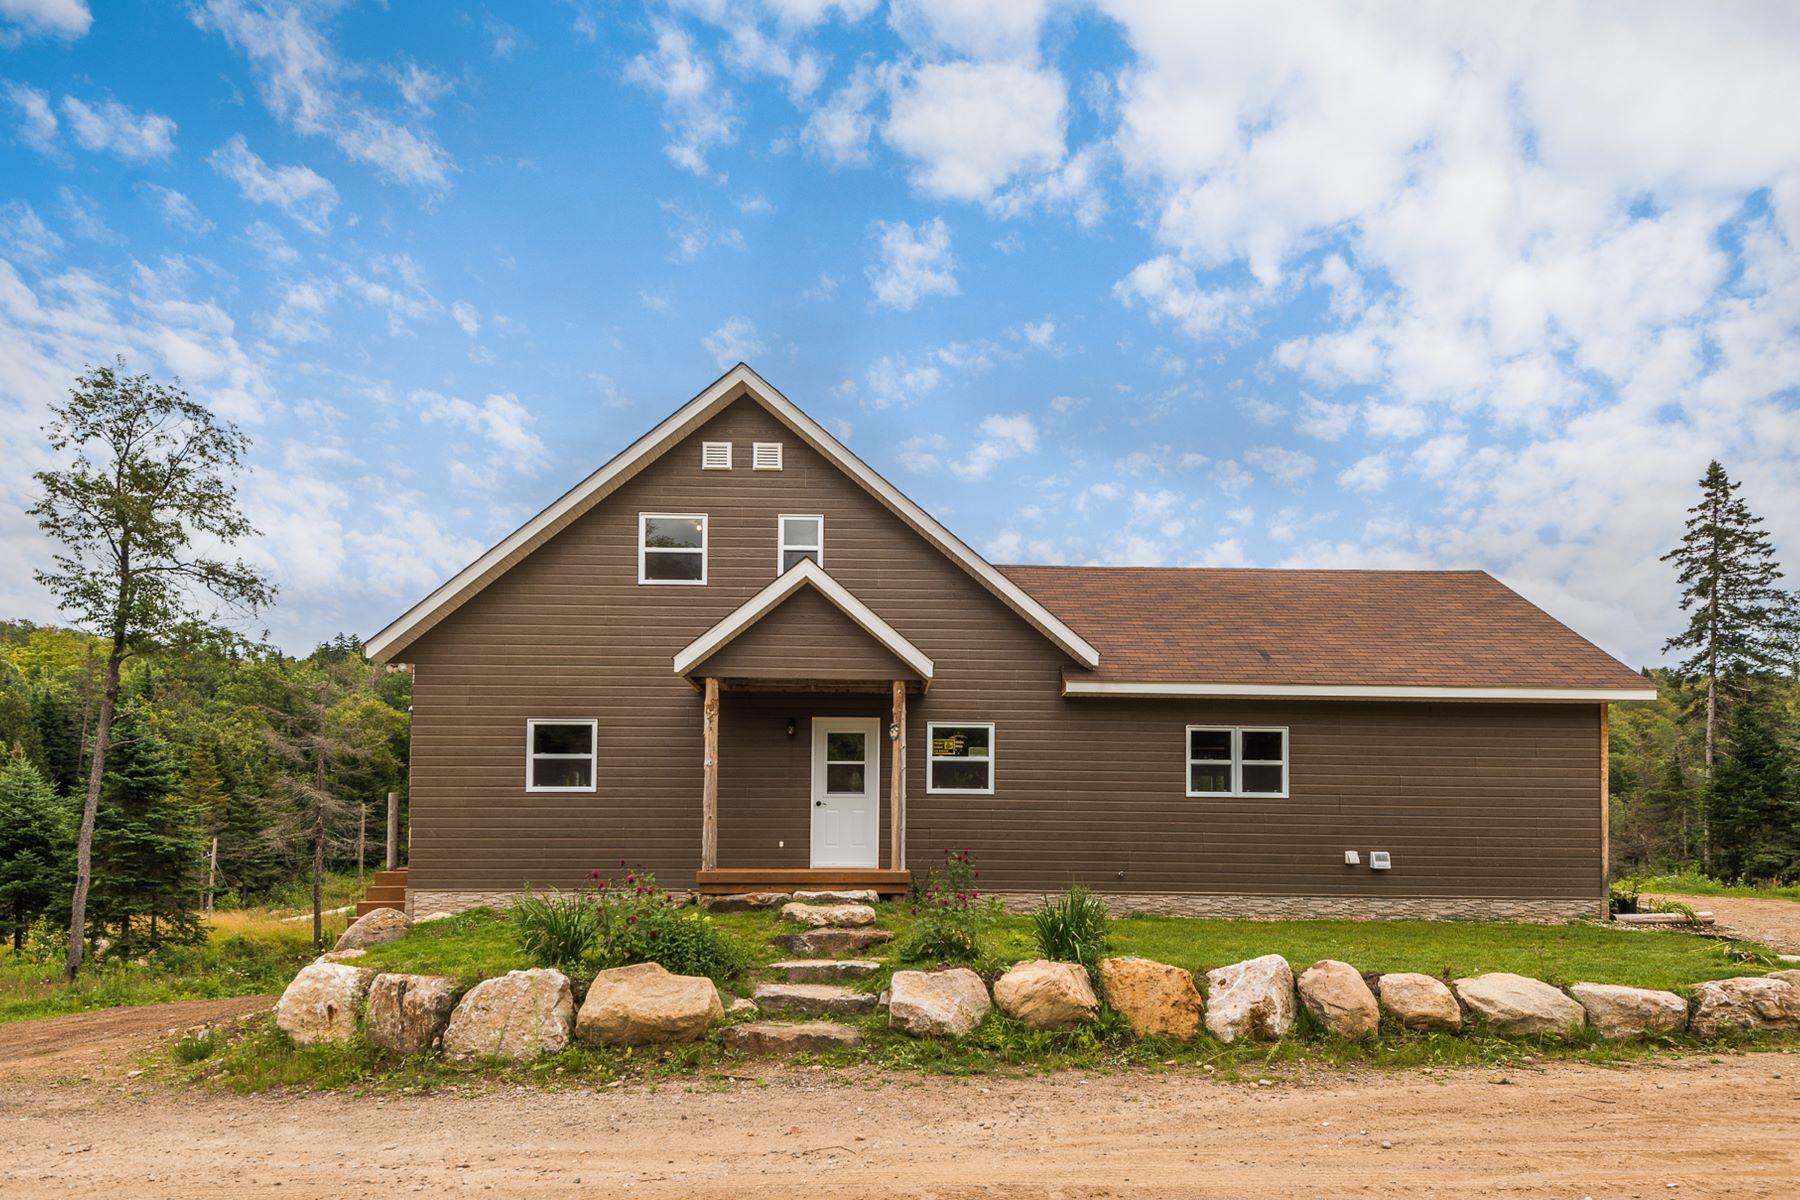 Maison unifamiliale pour l Vente à Sereval possibilities 2647 Route 327 Harrington, Québec J8G2T1 Canada